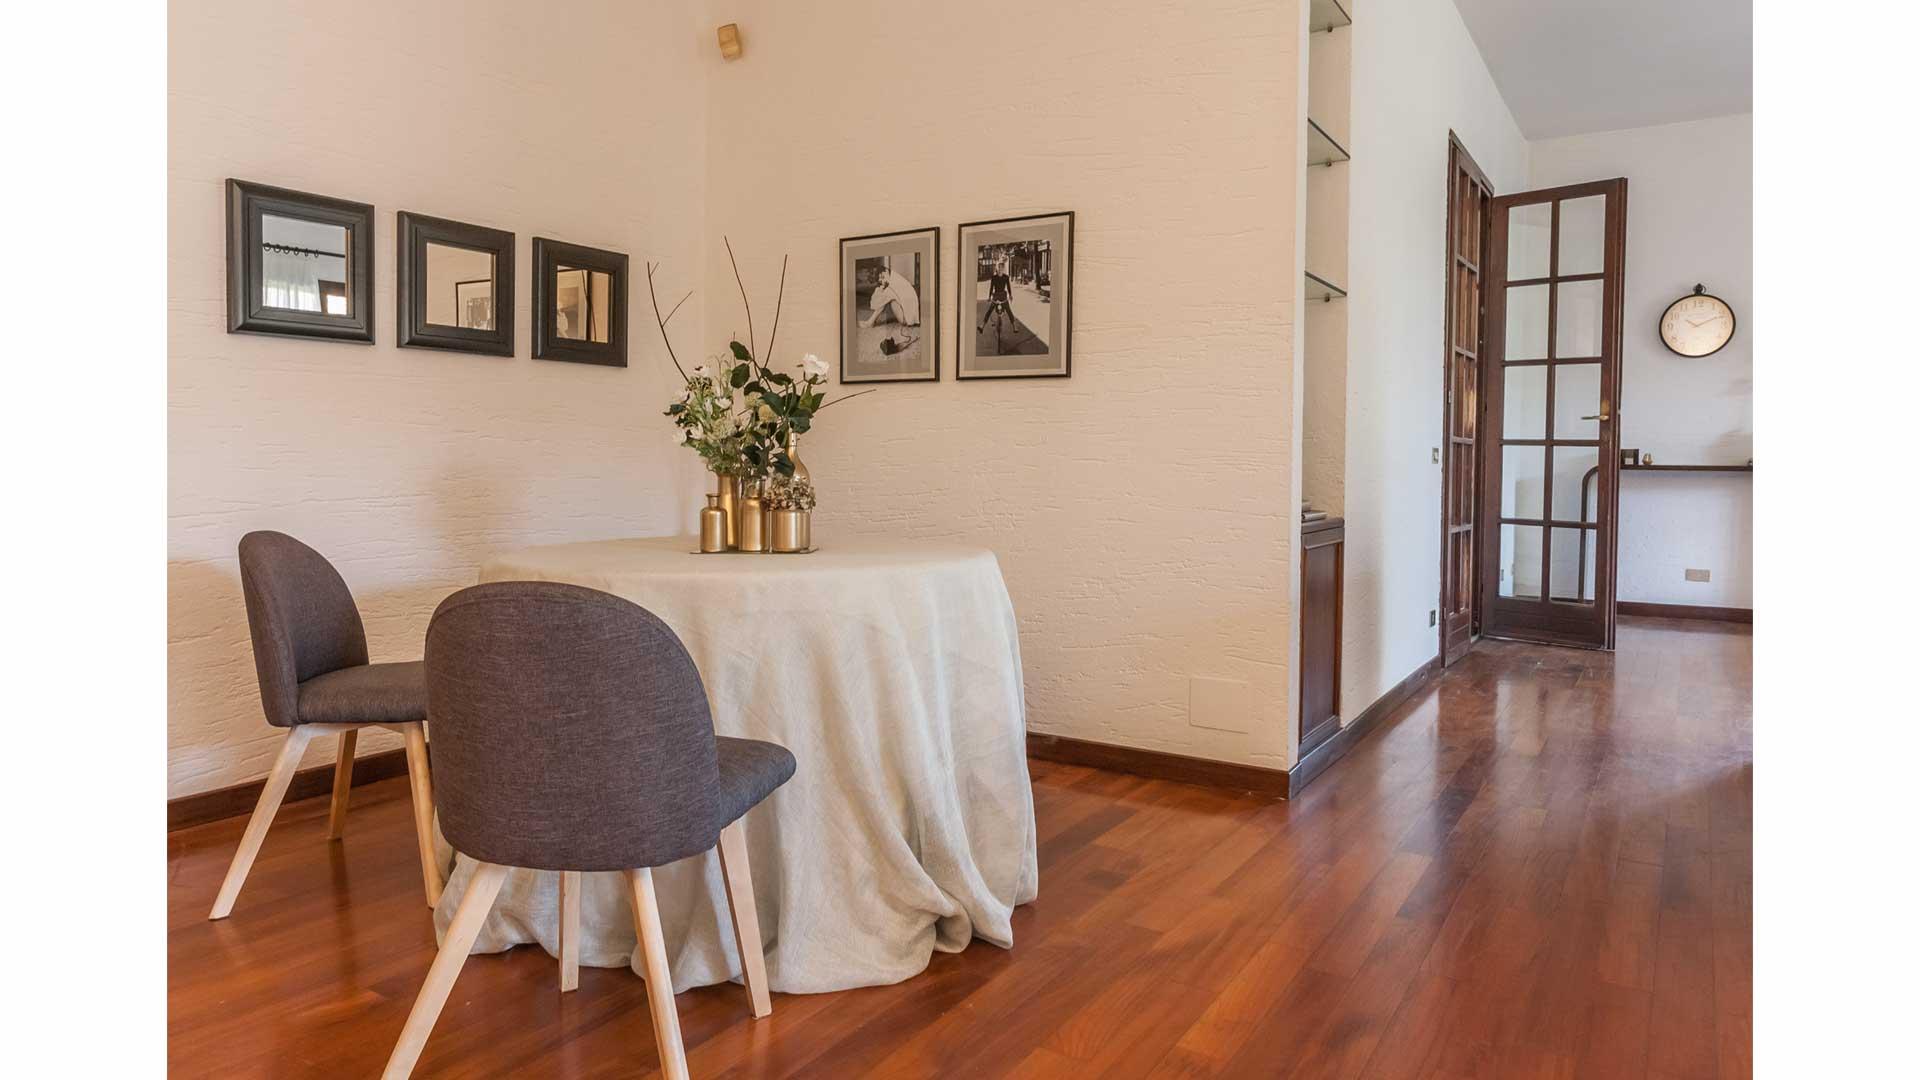 I prima e i dopo: casa semiarredata, non abitata. 01. Villa Il Cavalluccio a Carimate (CO).